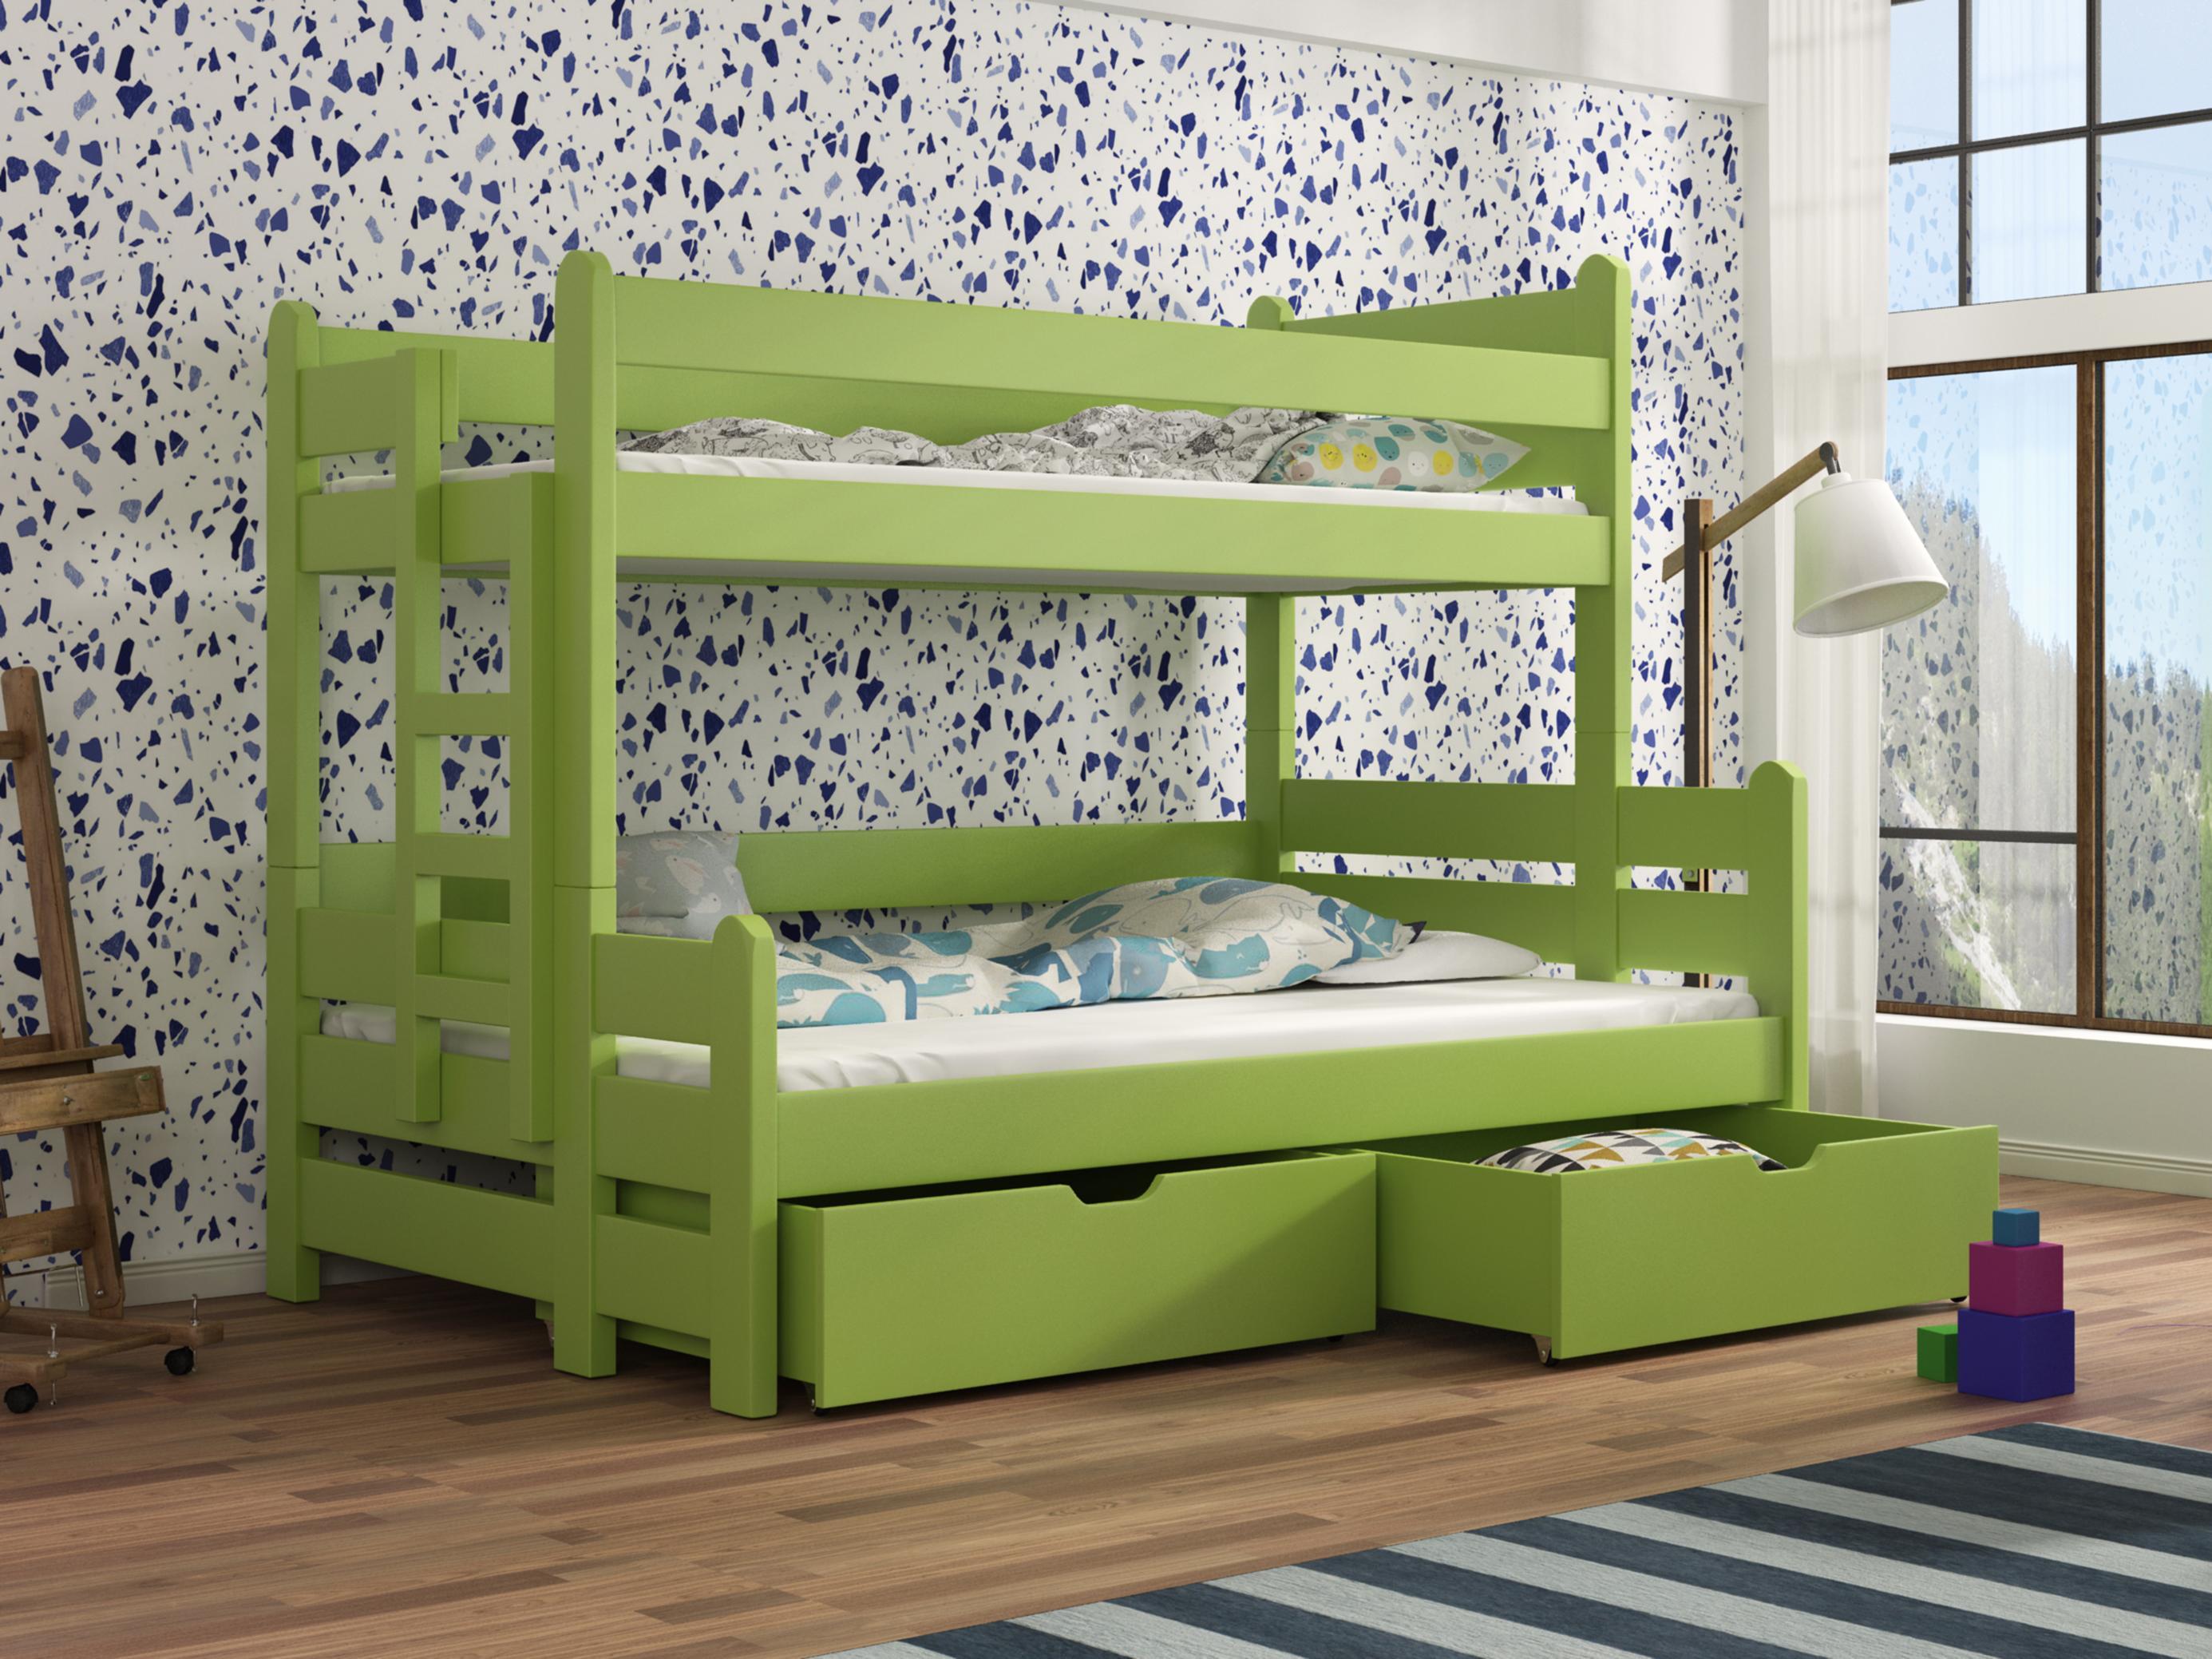 Dětská patrová postel 90 cm - Bivi (zelená)